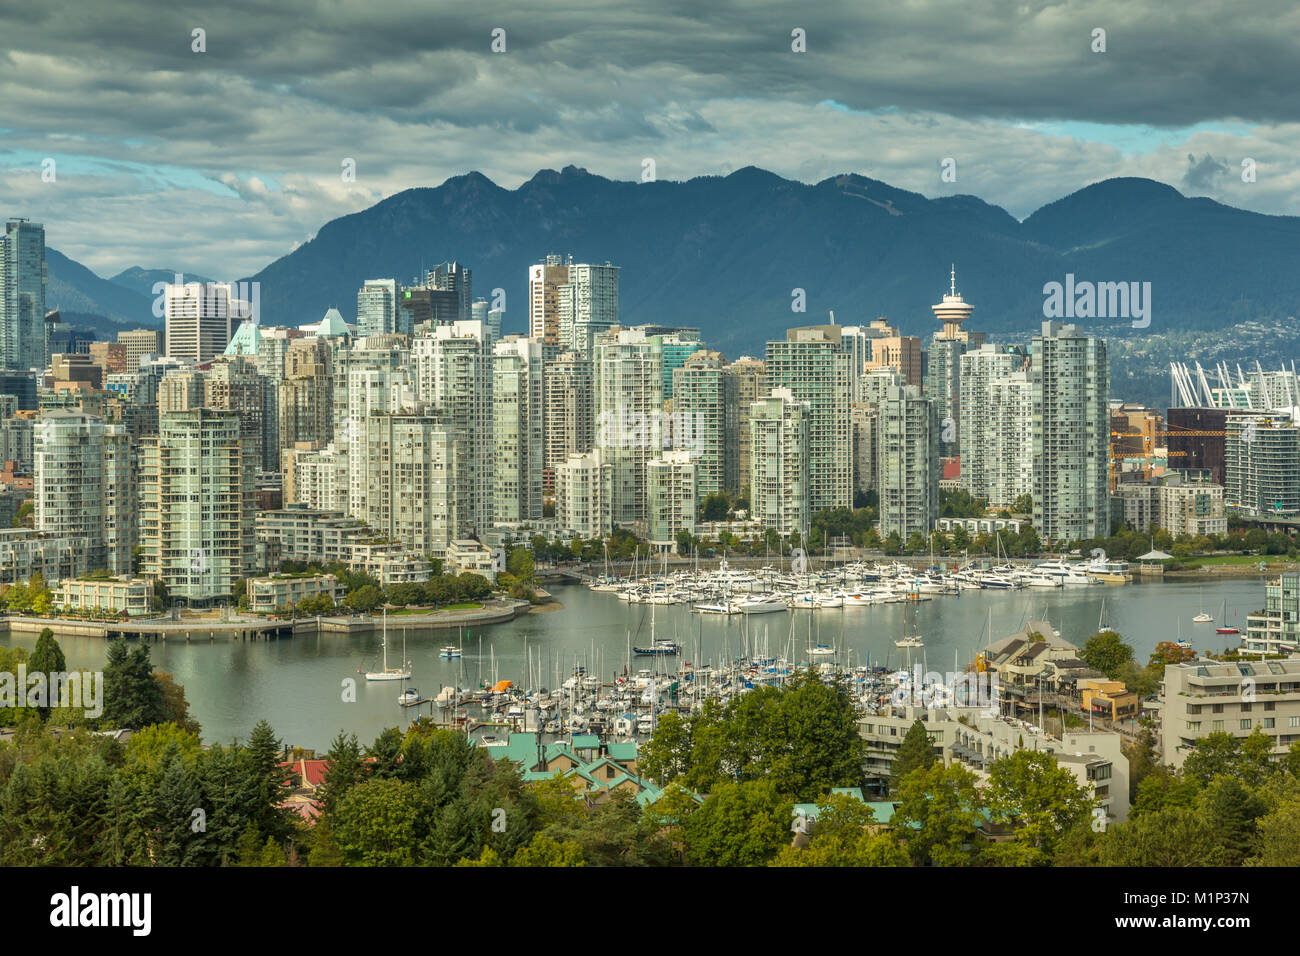 Vista de Vancouver skyline visto desde el barrio de Mount Pleasant, Vancouver, British Columbia, Canadá, América Imagen De Stock